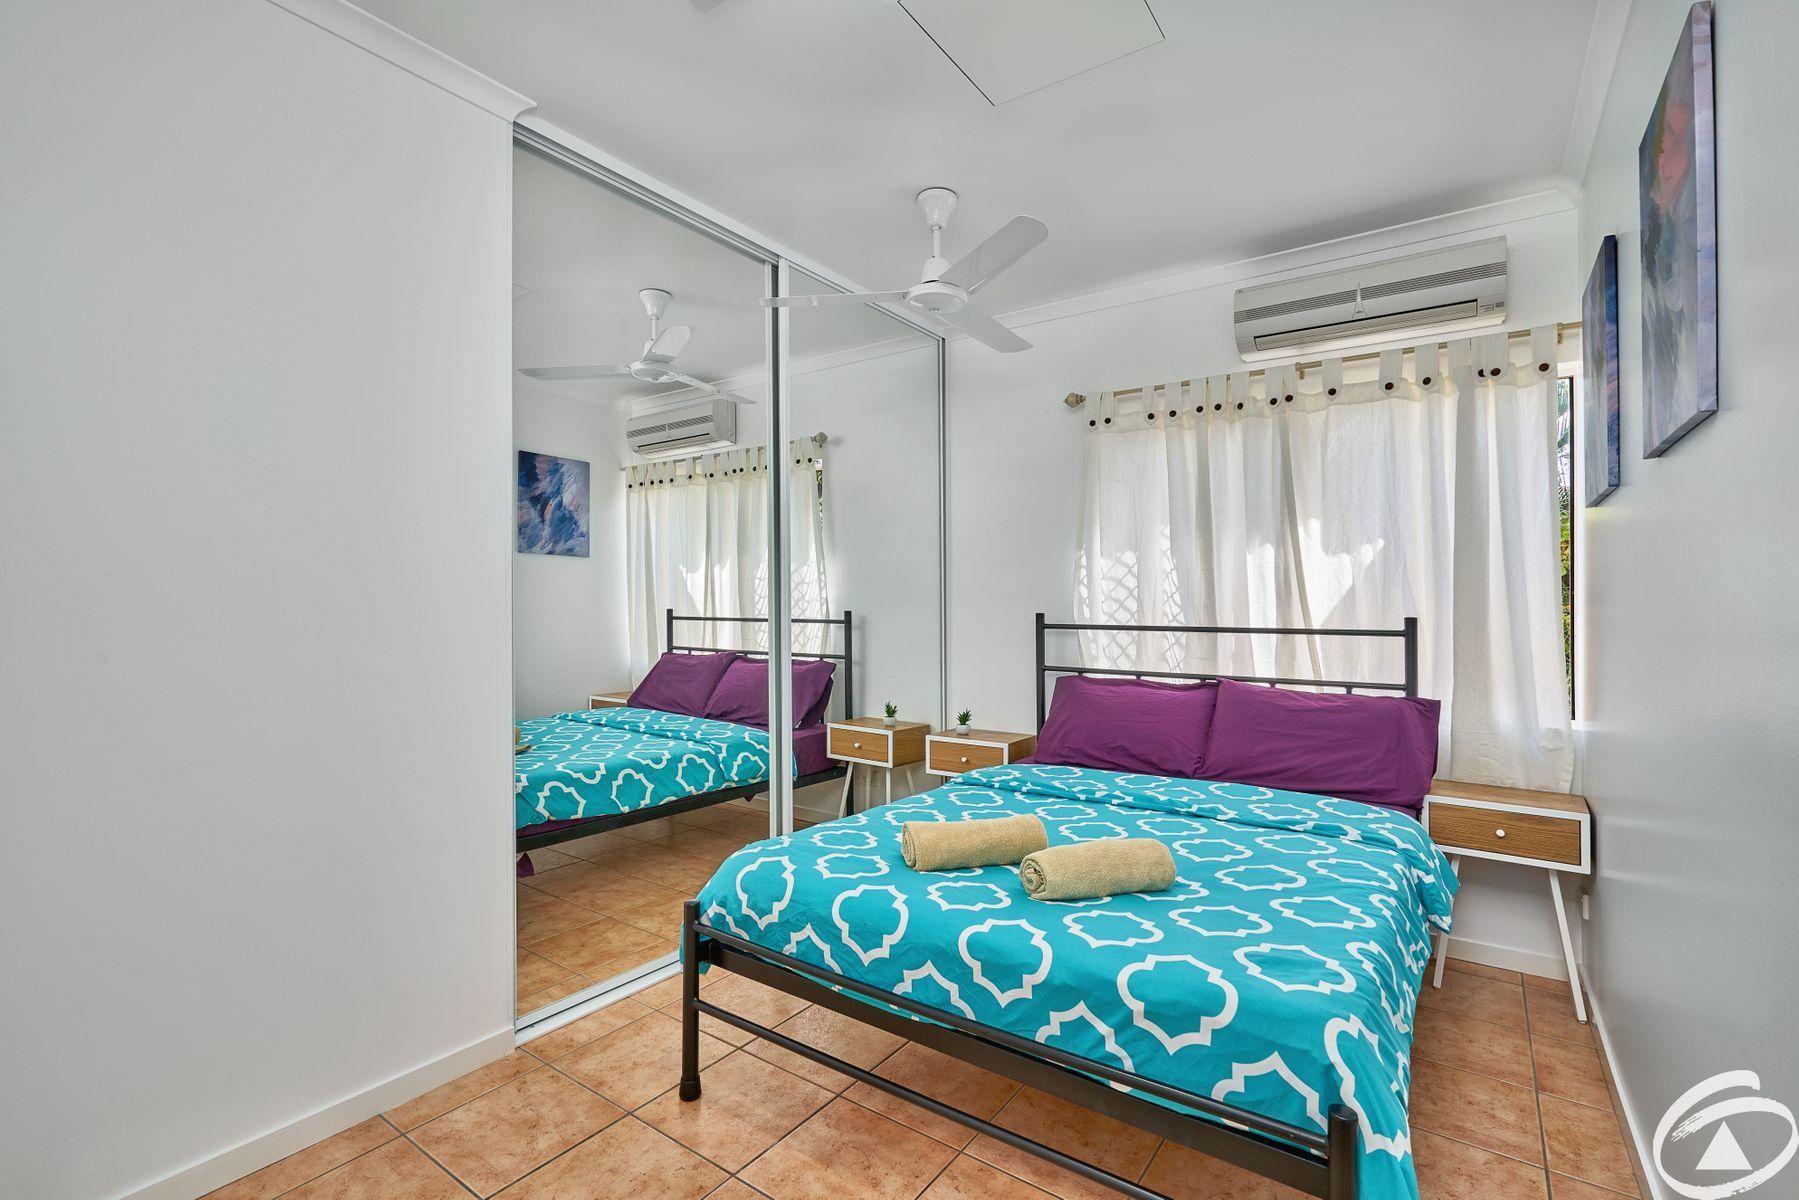 5A Lumley Street, Parramatta Park, QLD 4870